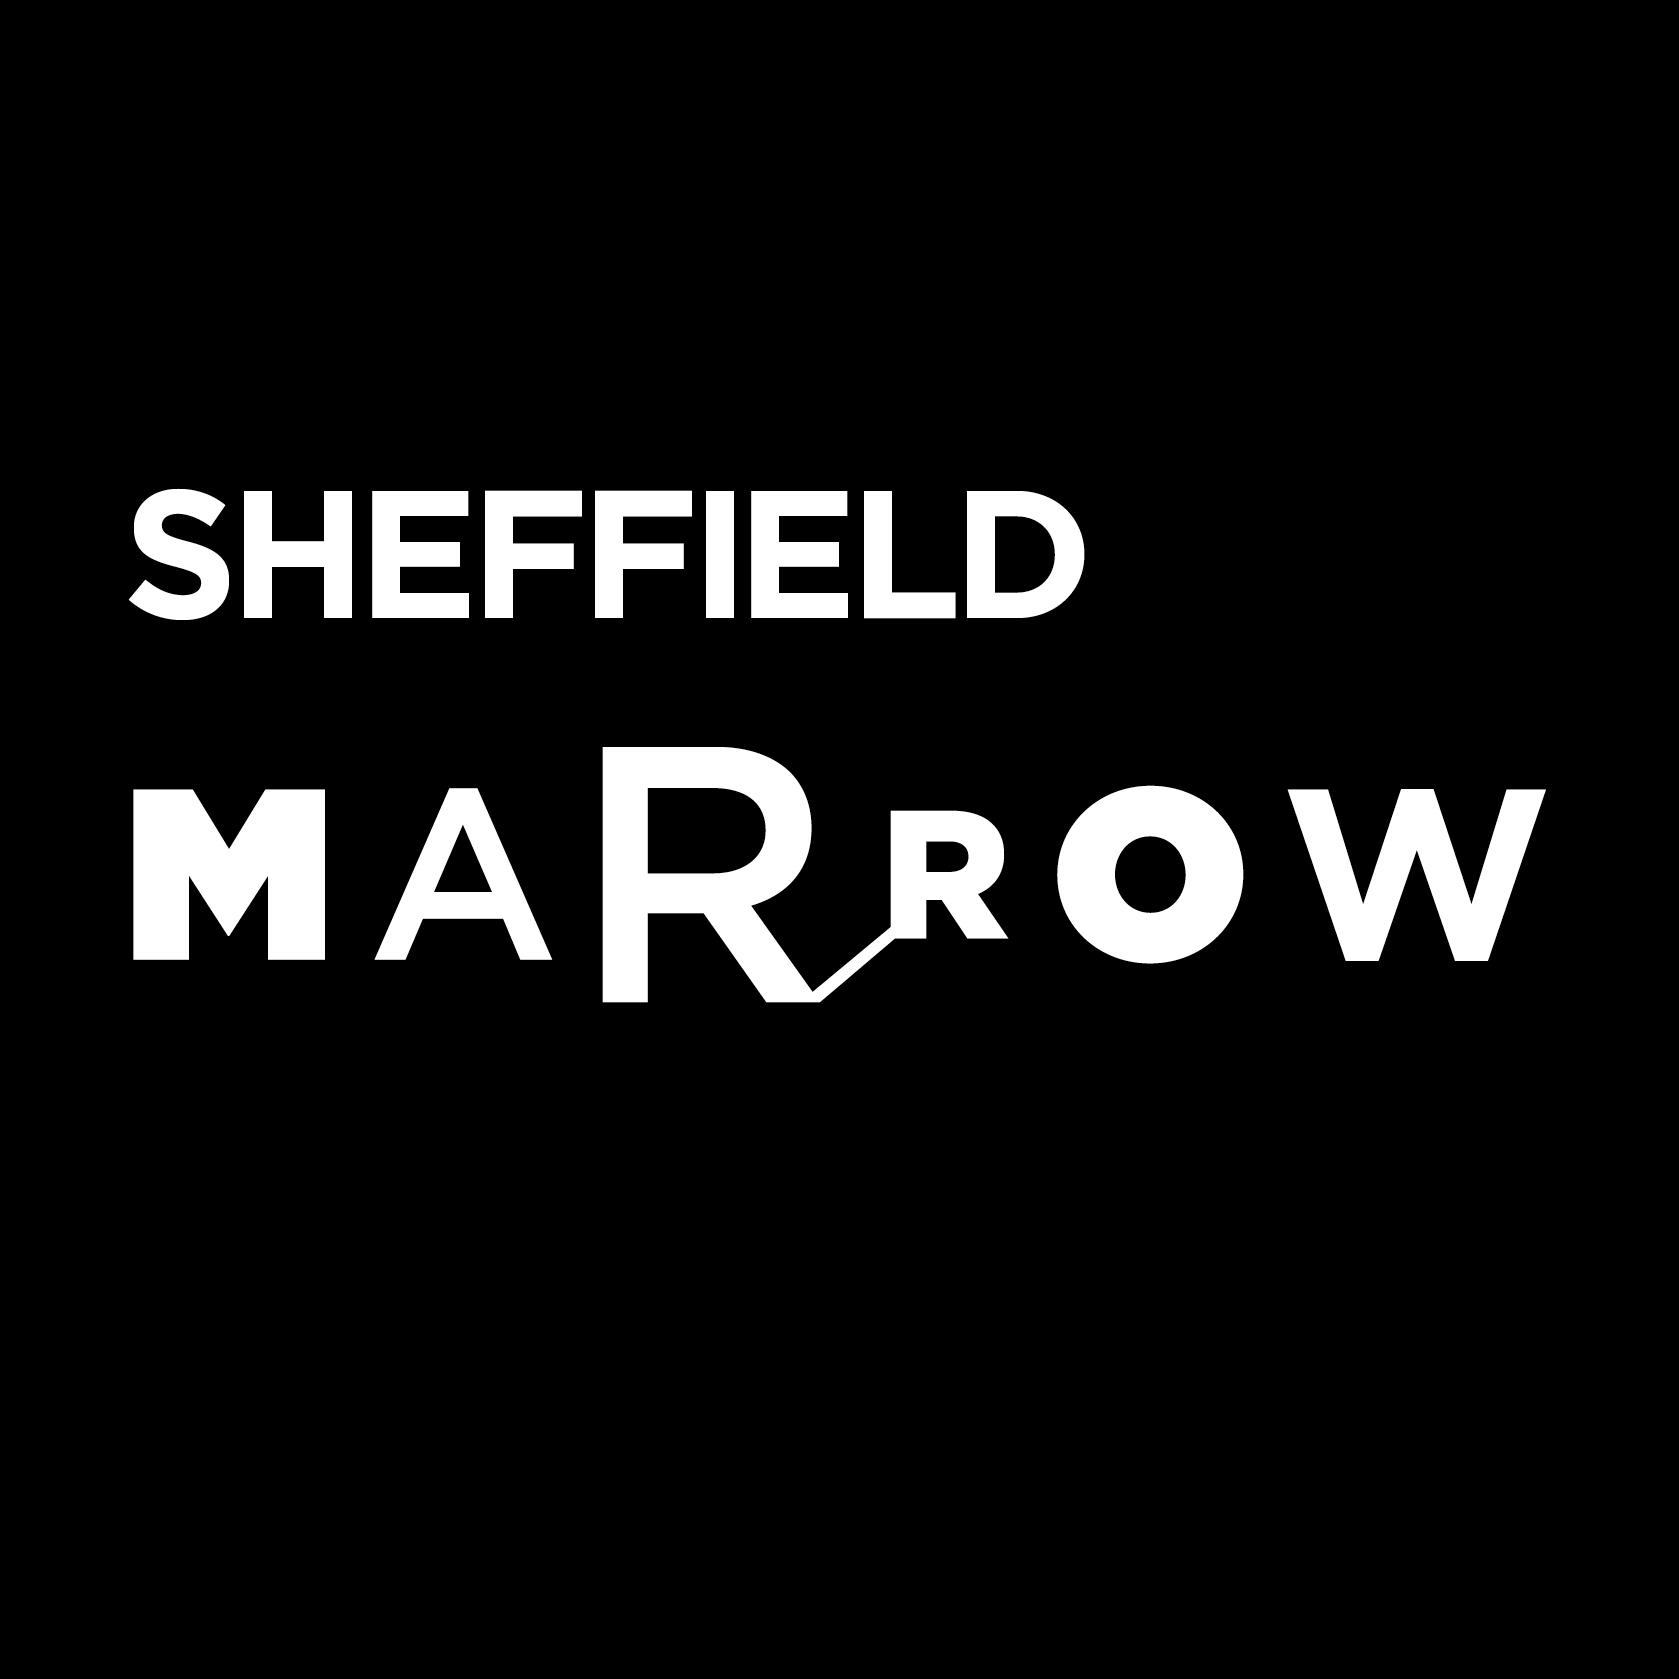 Sheffield Marrow thumbnail